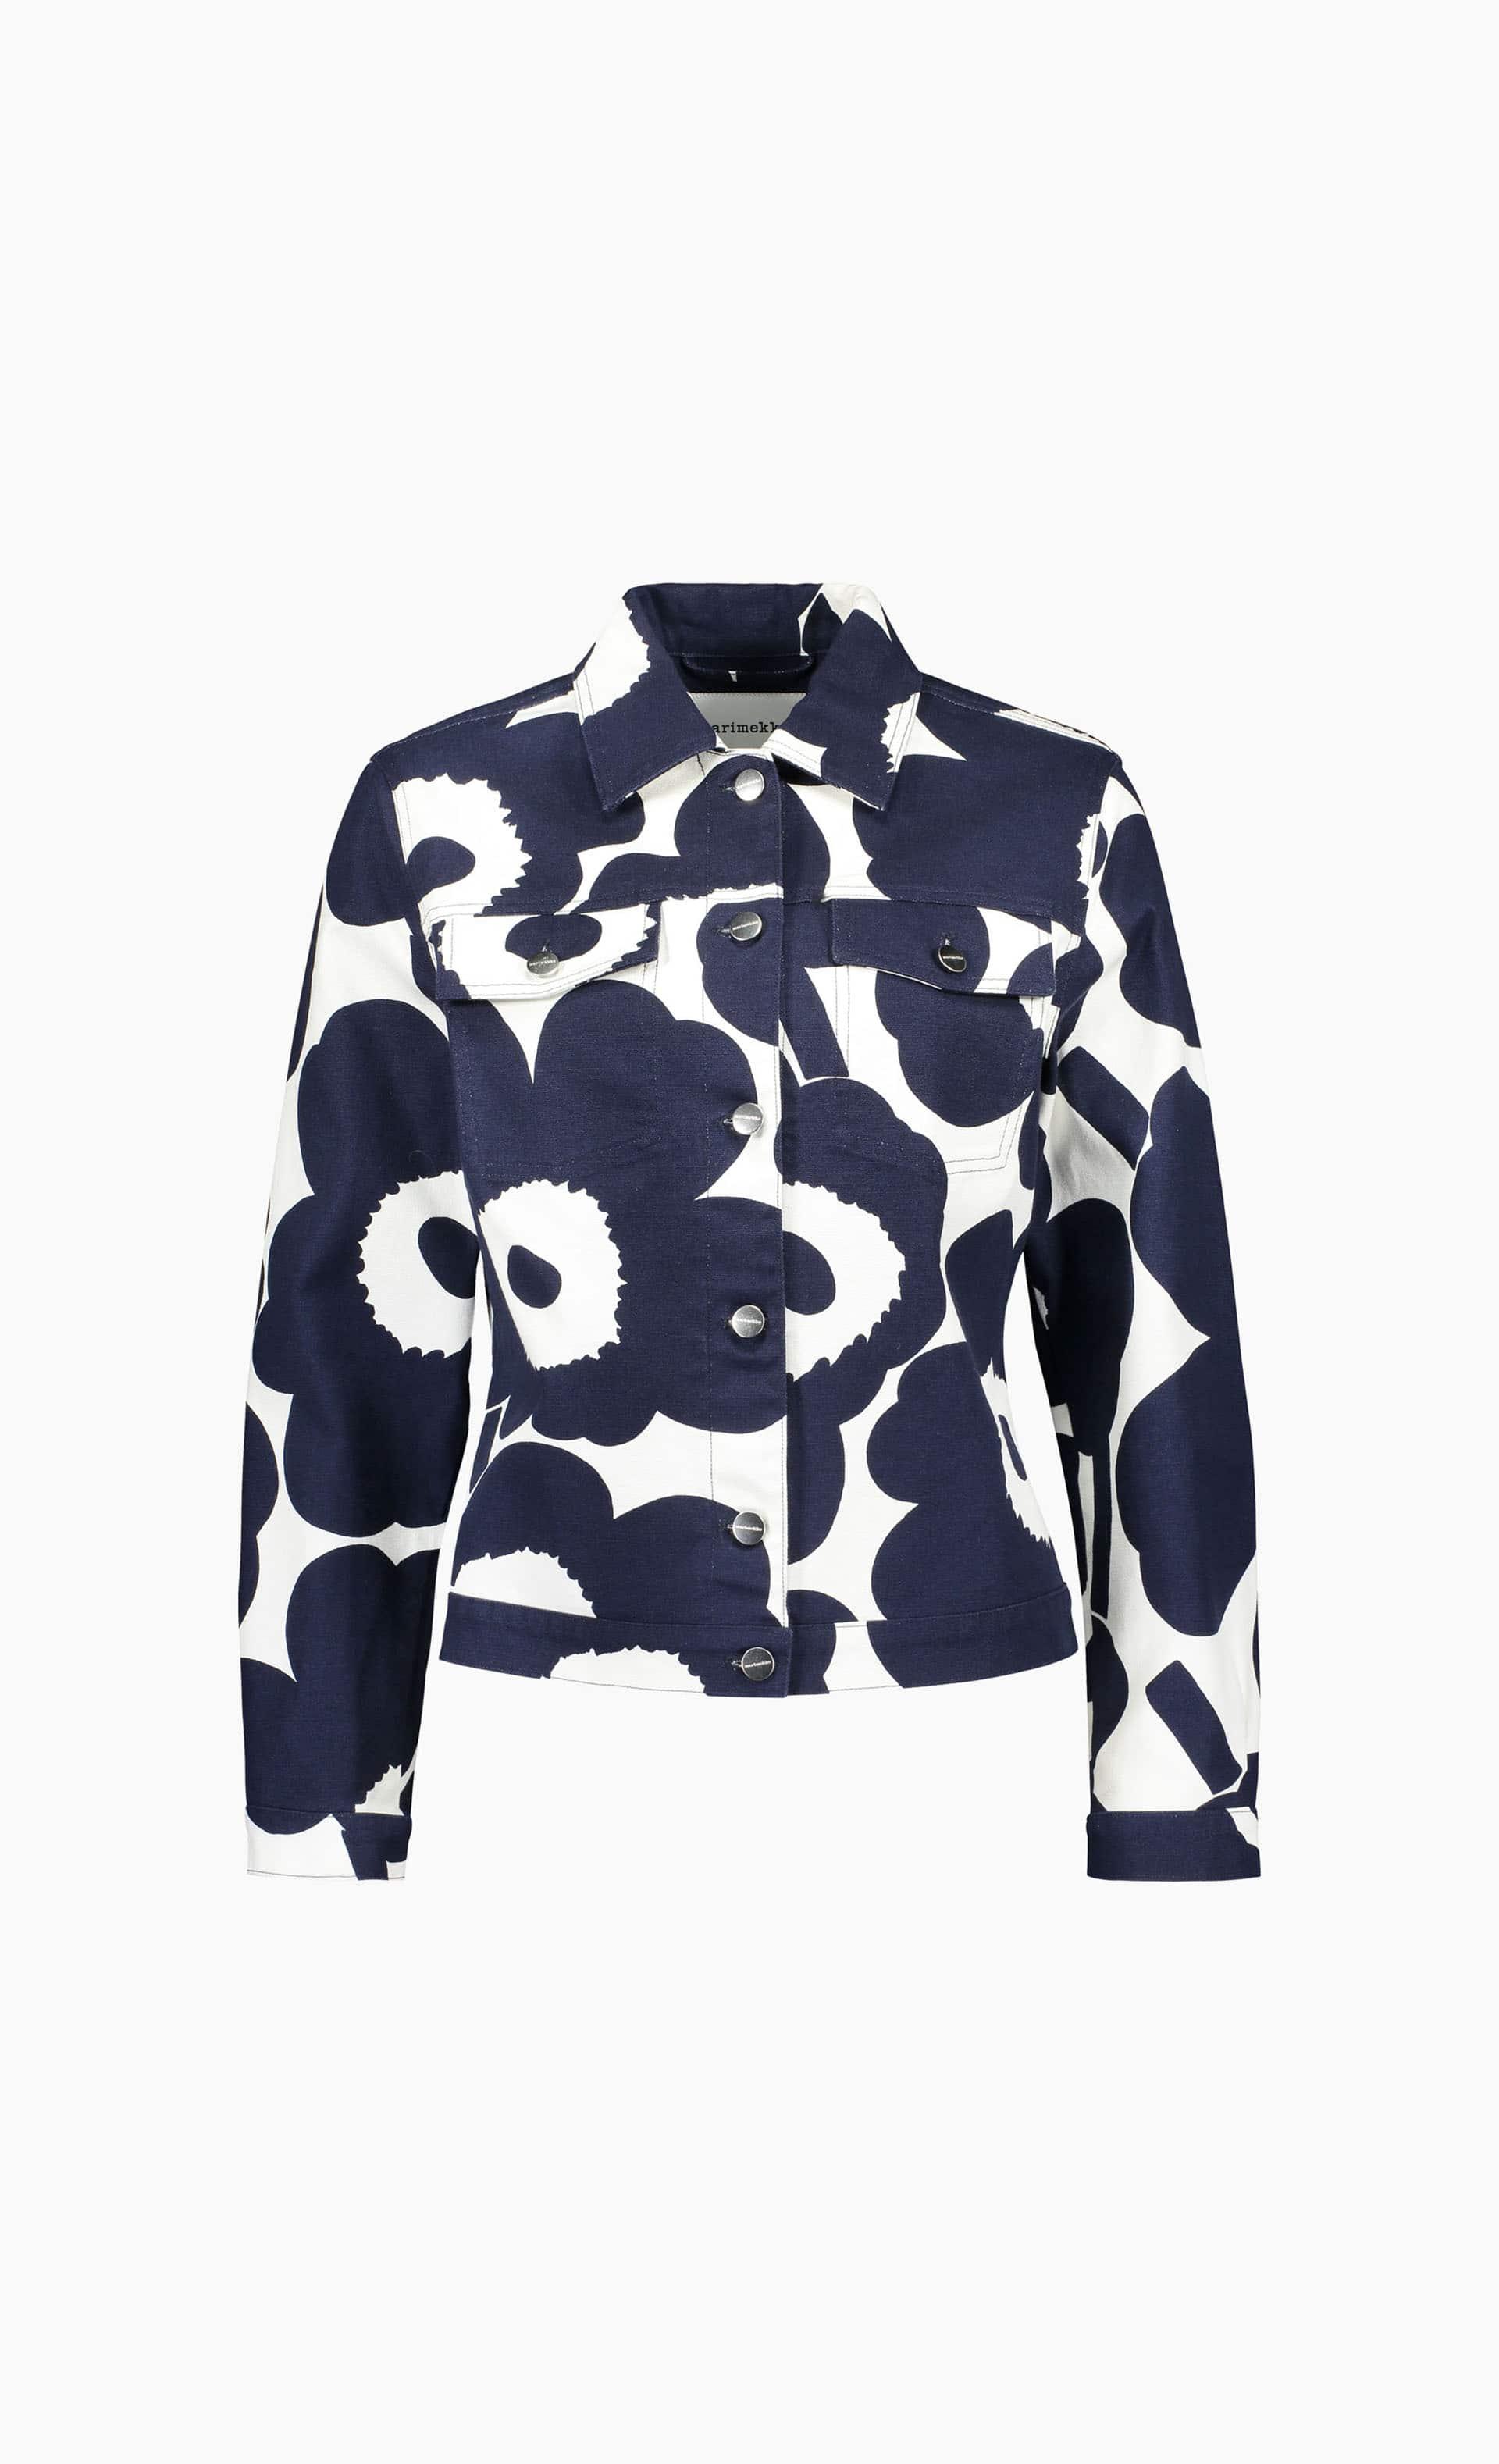 Sarpio Unikko ジャケット